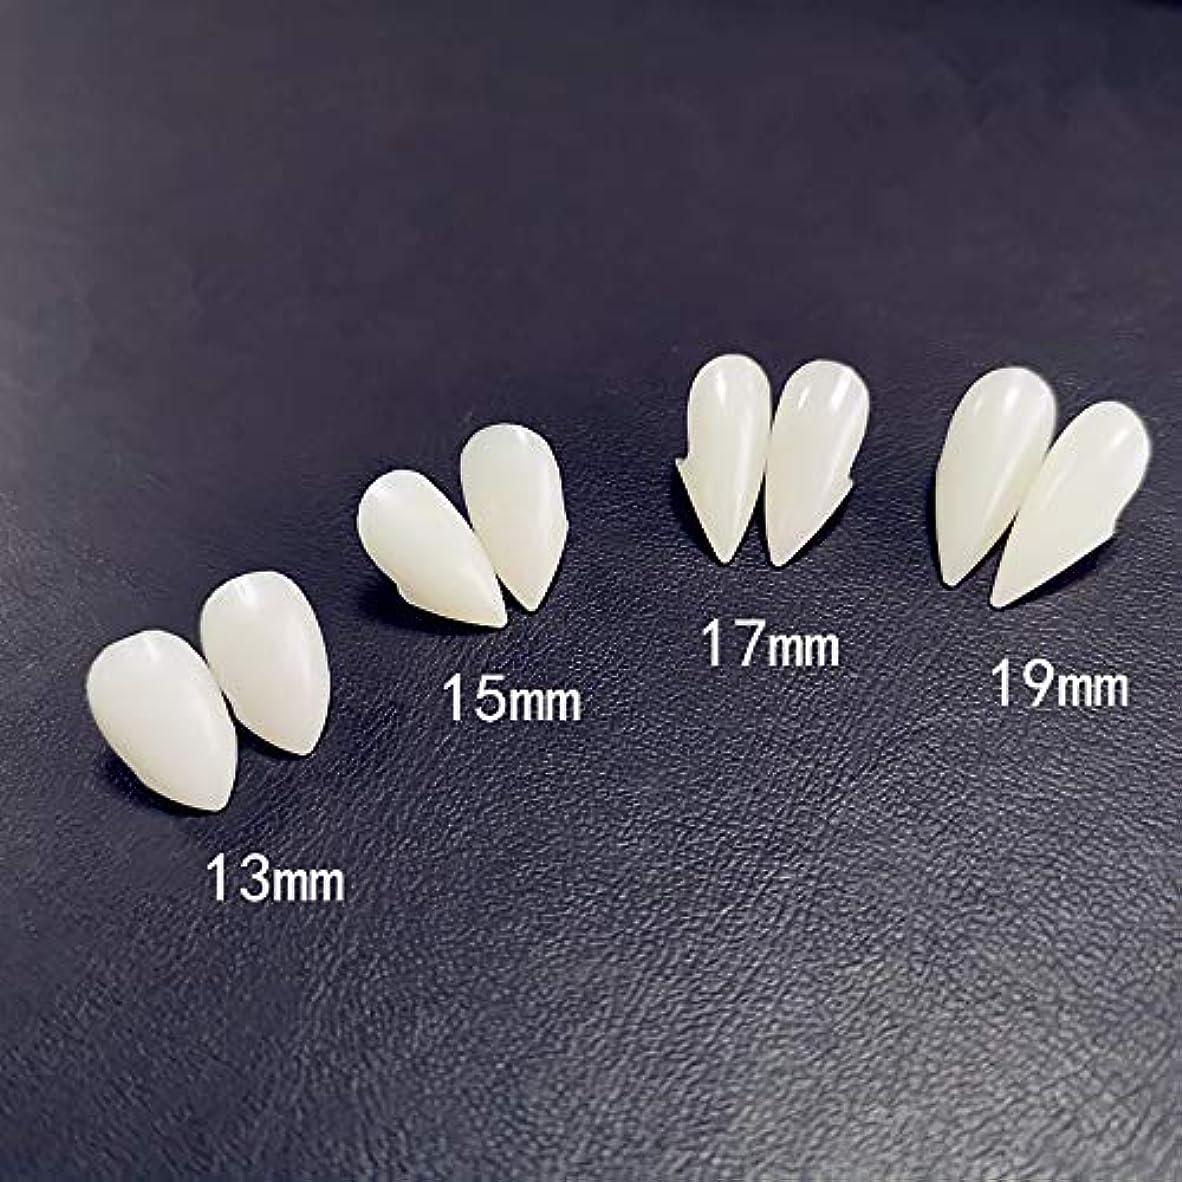 6ペア牙キット歯の入れ歯歯の牙入れ歯小道具ハロウィーンの衣装小道具パーティーの好意休日DIYの装飾ホラー大人のための子供,13mm